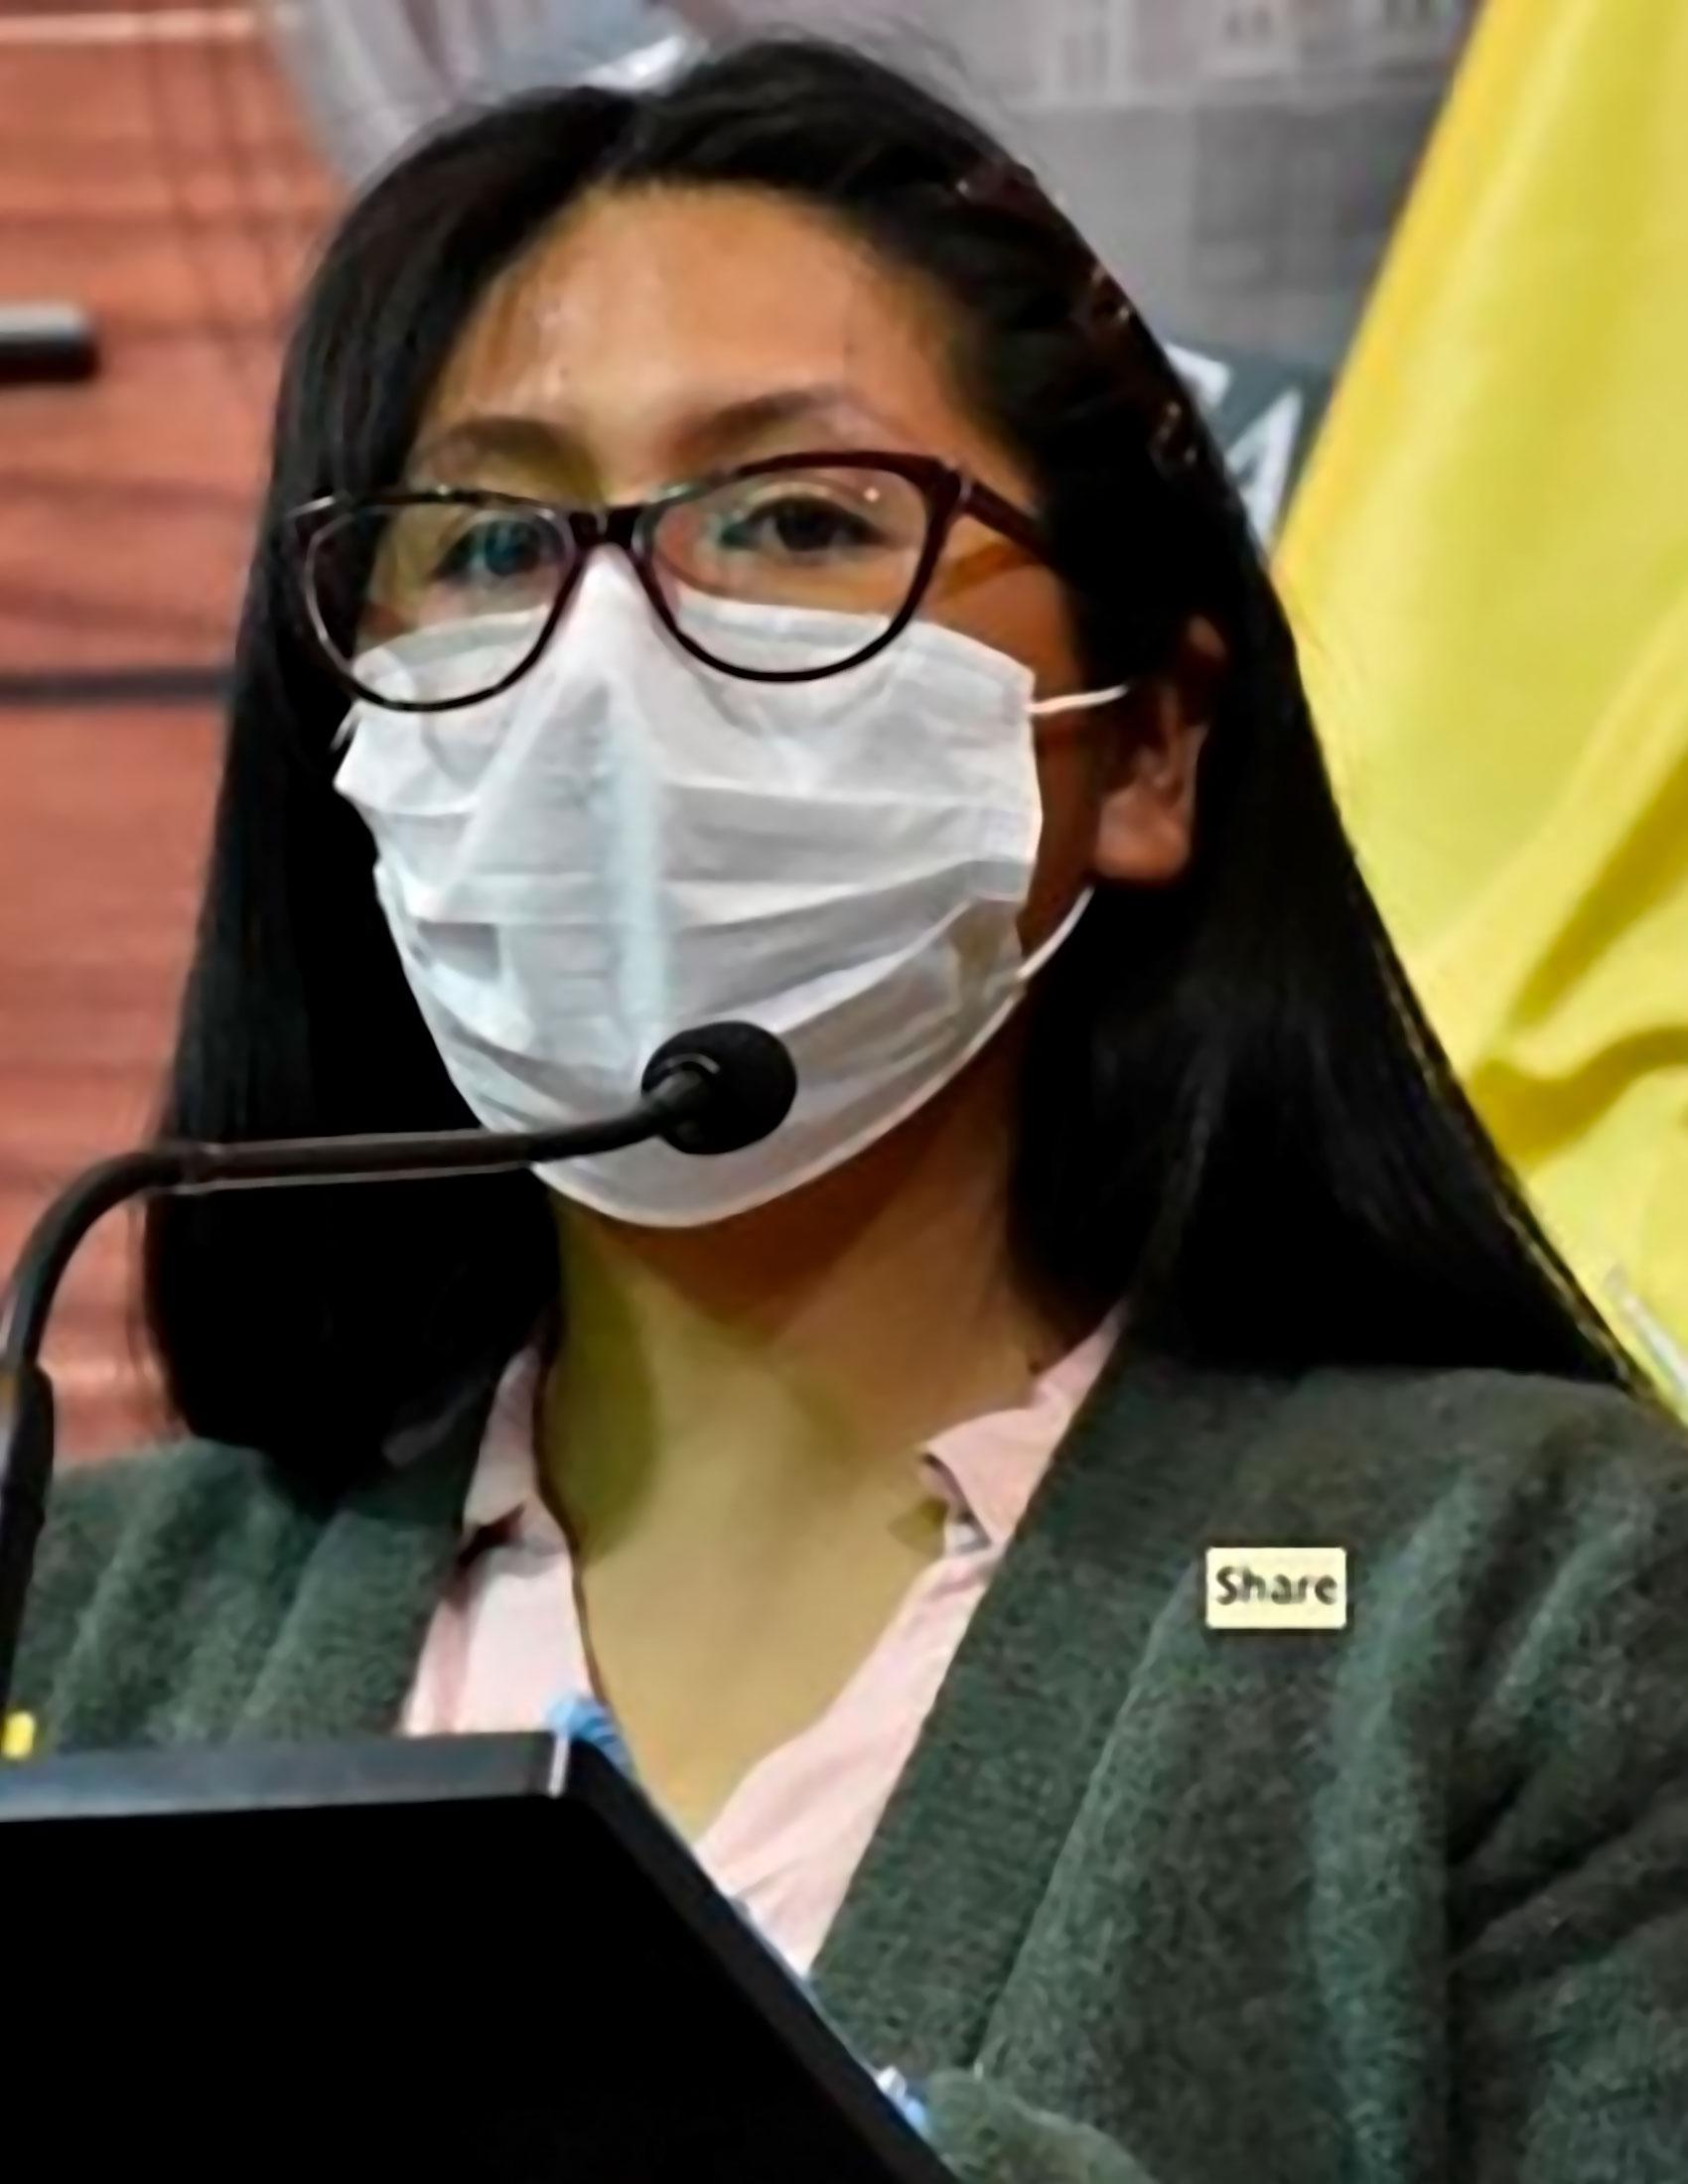 El Proyecto de Ley presentado por la Senadora Eva Copa, violaría el Derecho a la Libertad de Expresión